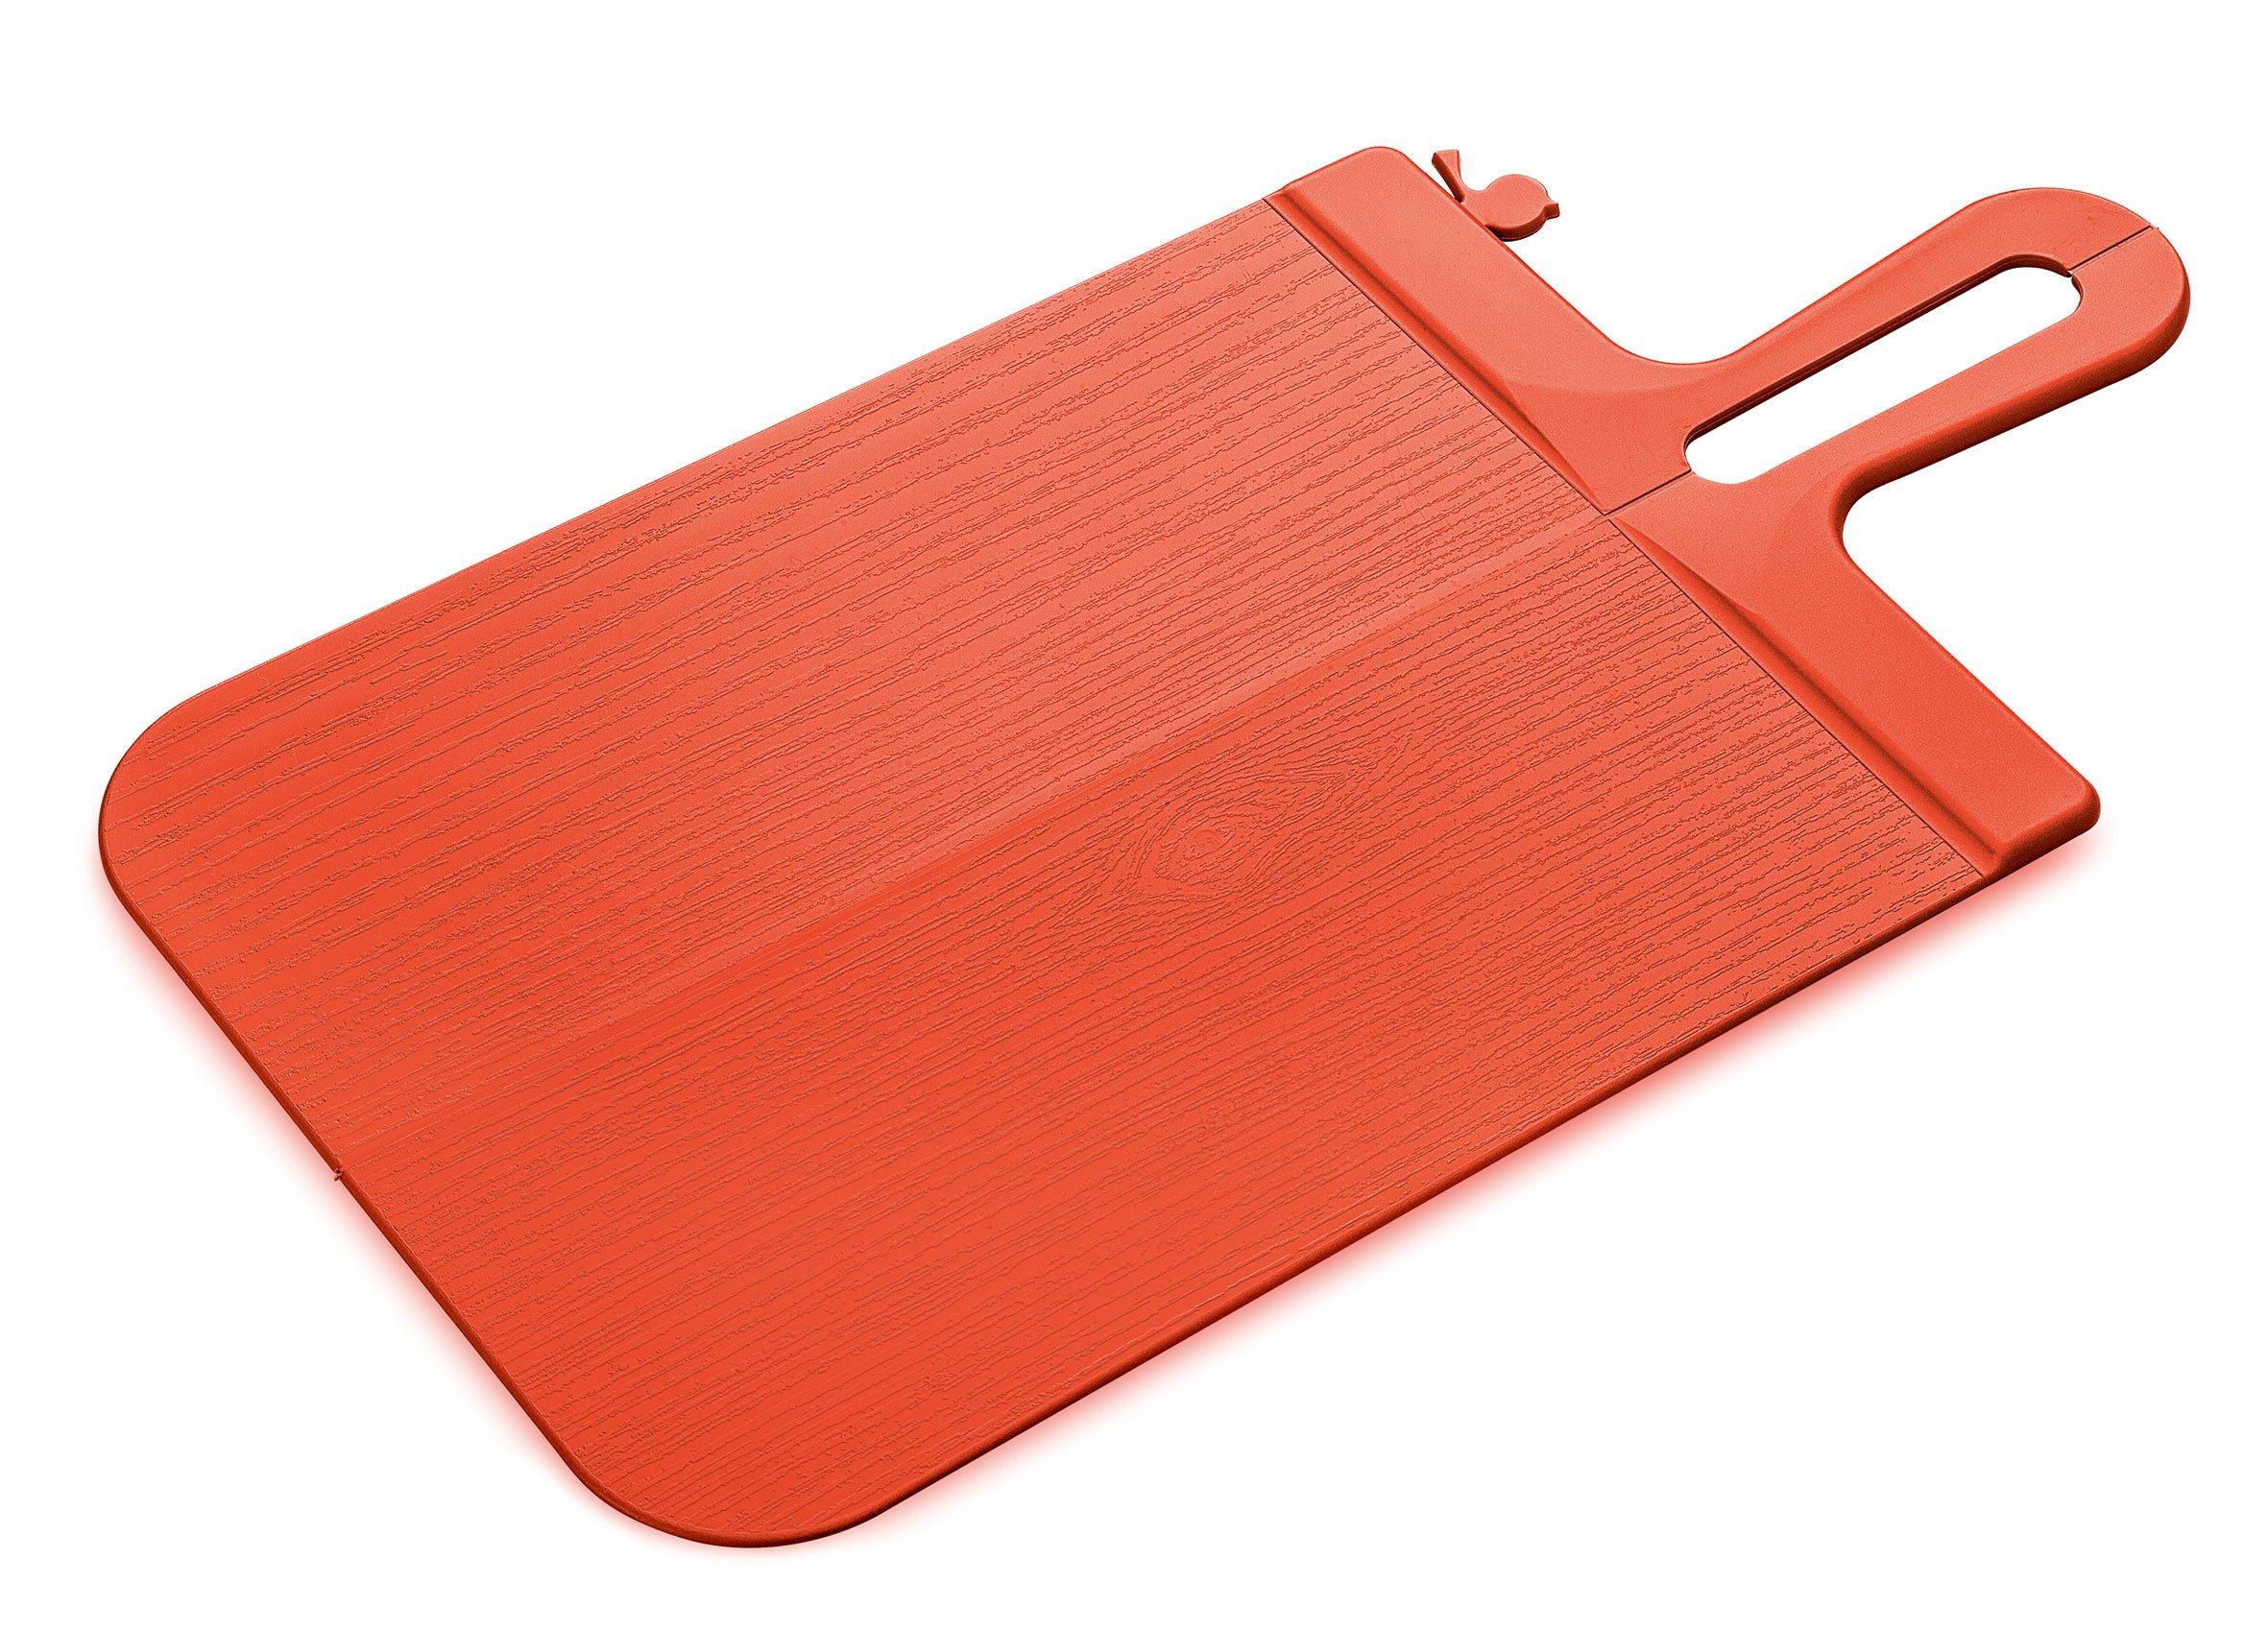 Deska do krojenia Snap XS pomarańczowoczerwona